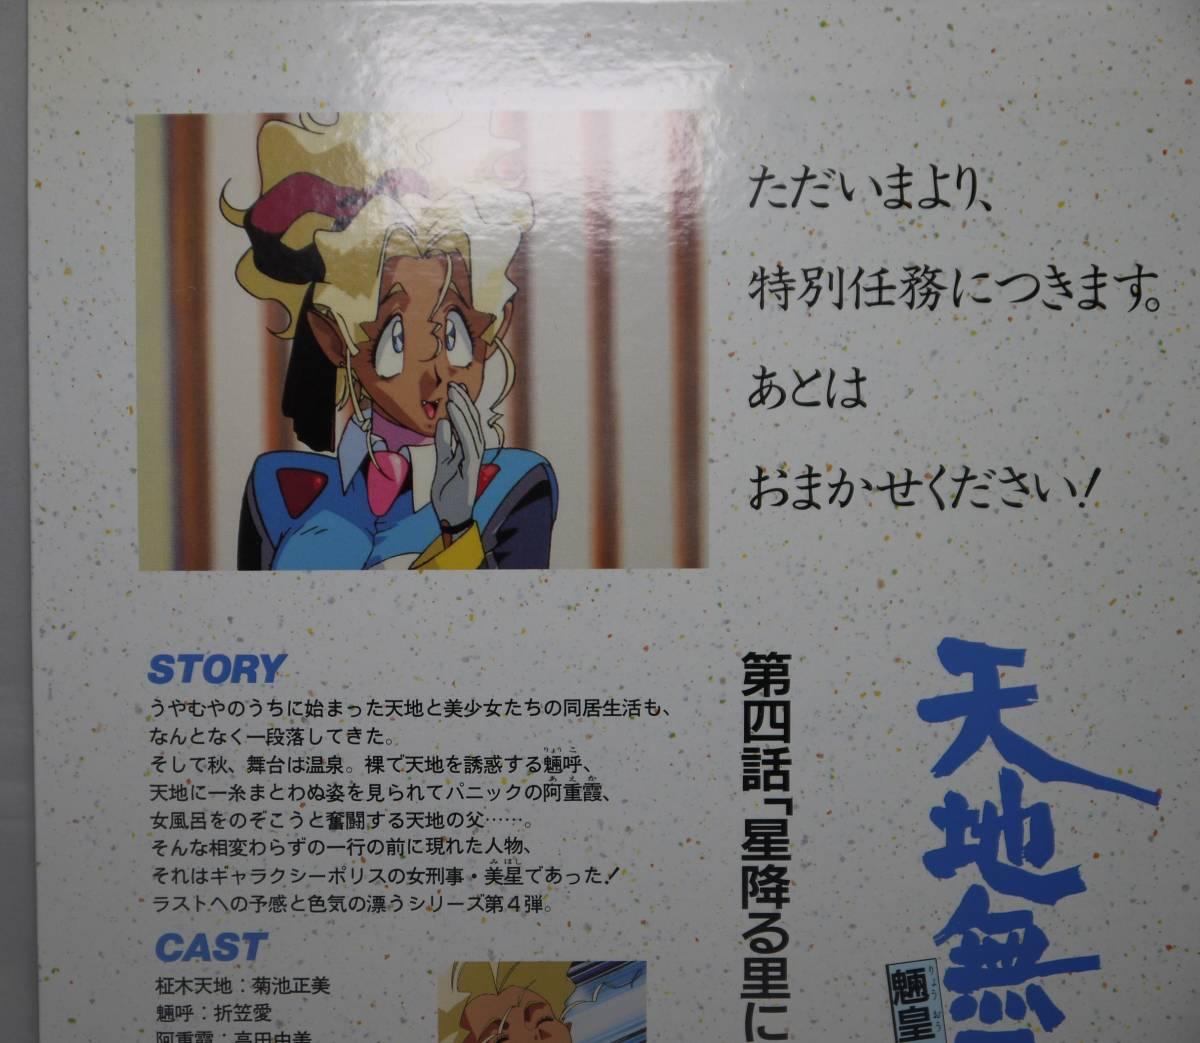 天地無用 Vol4 魎皇鬼 PIONEER TENCHI MUYO パイオニア 1992年 作品 Ryo oh ki LASER DISC LD レーザーディスク_画像3